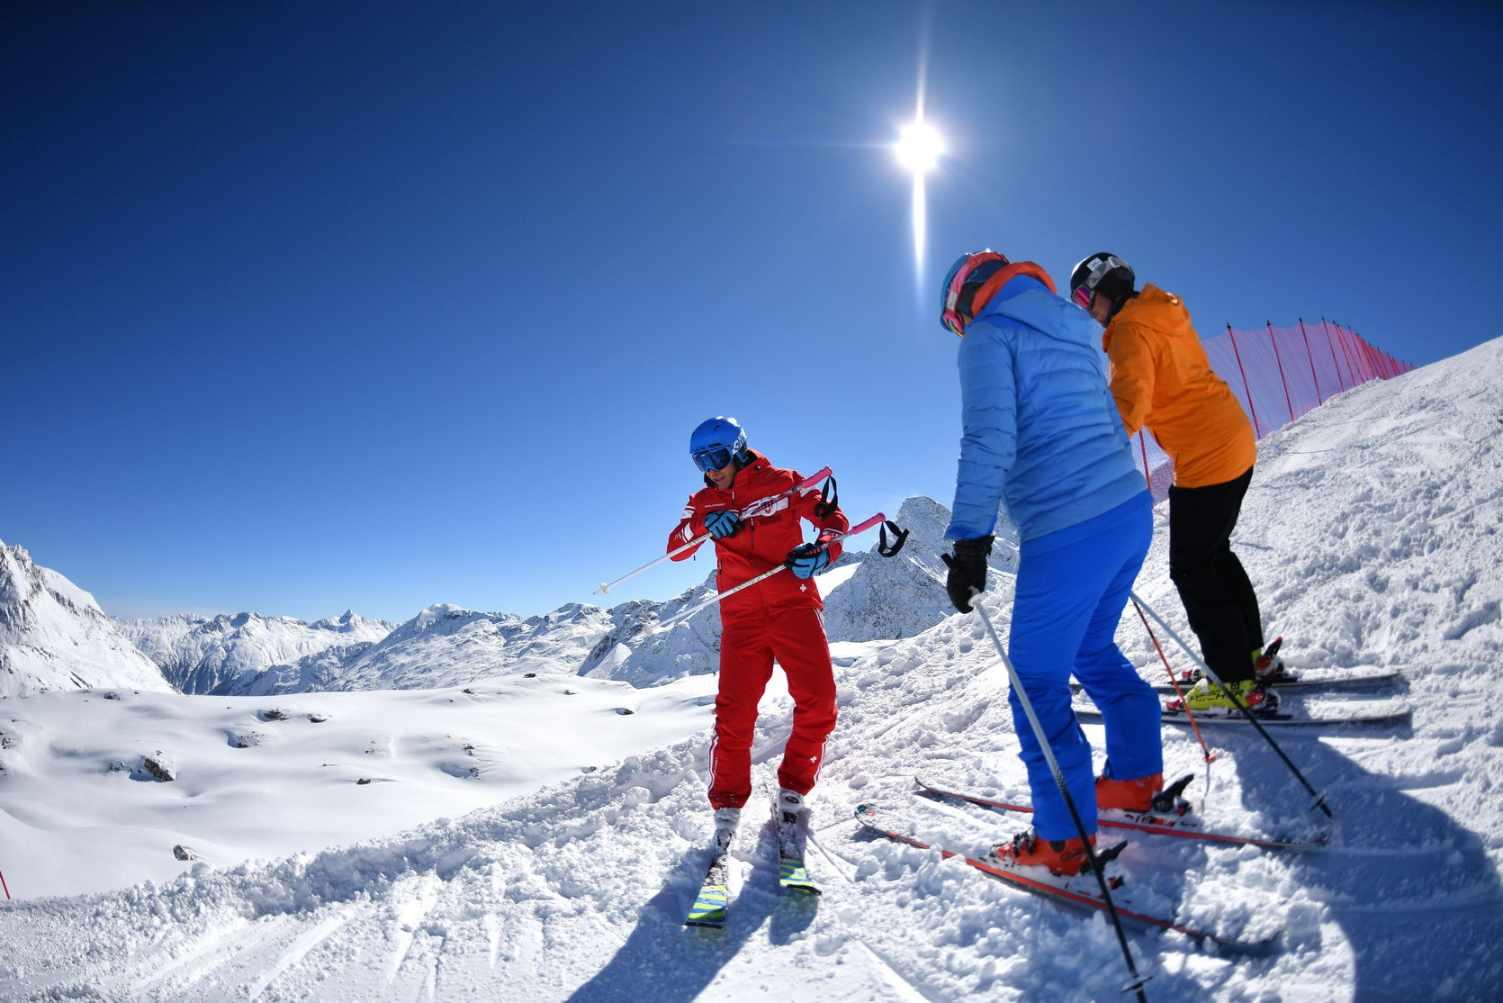 Ecole de skis les paccots webcam